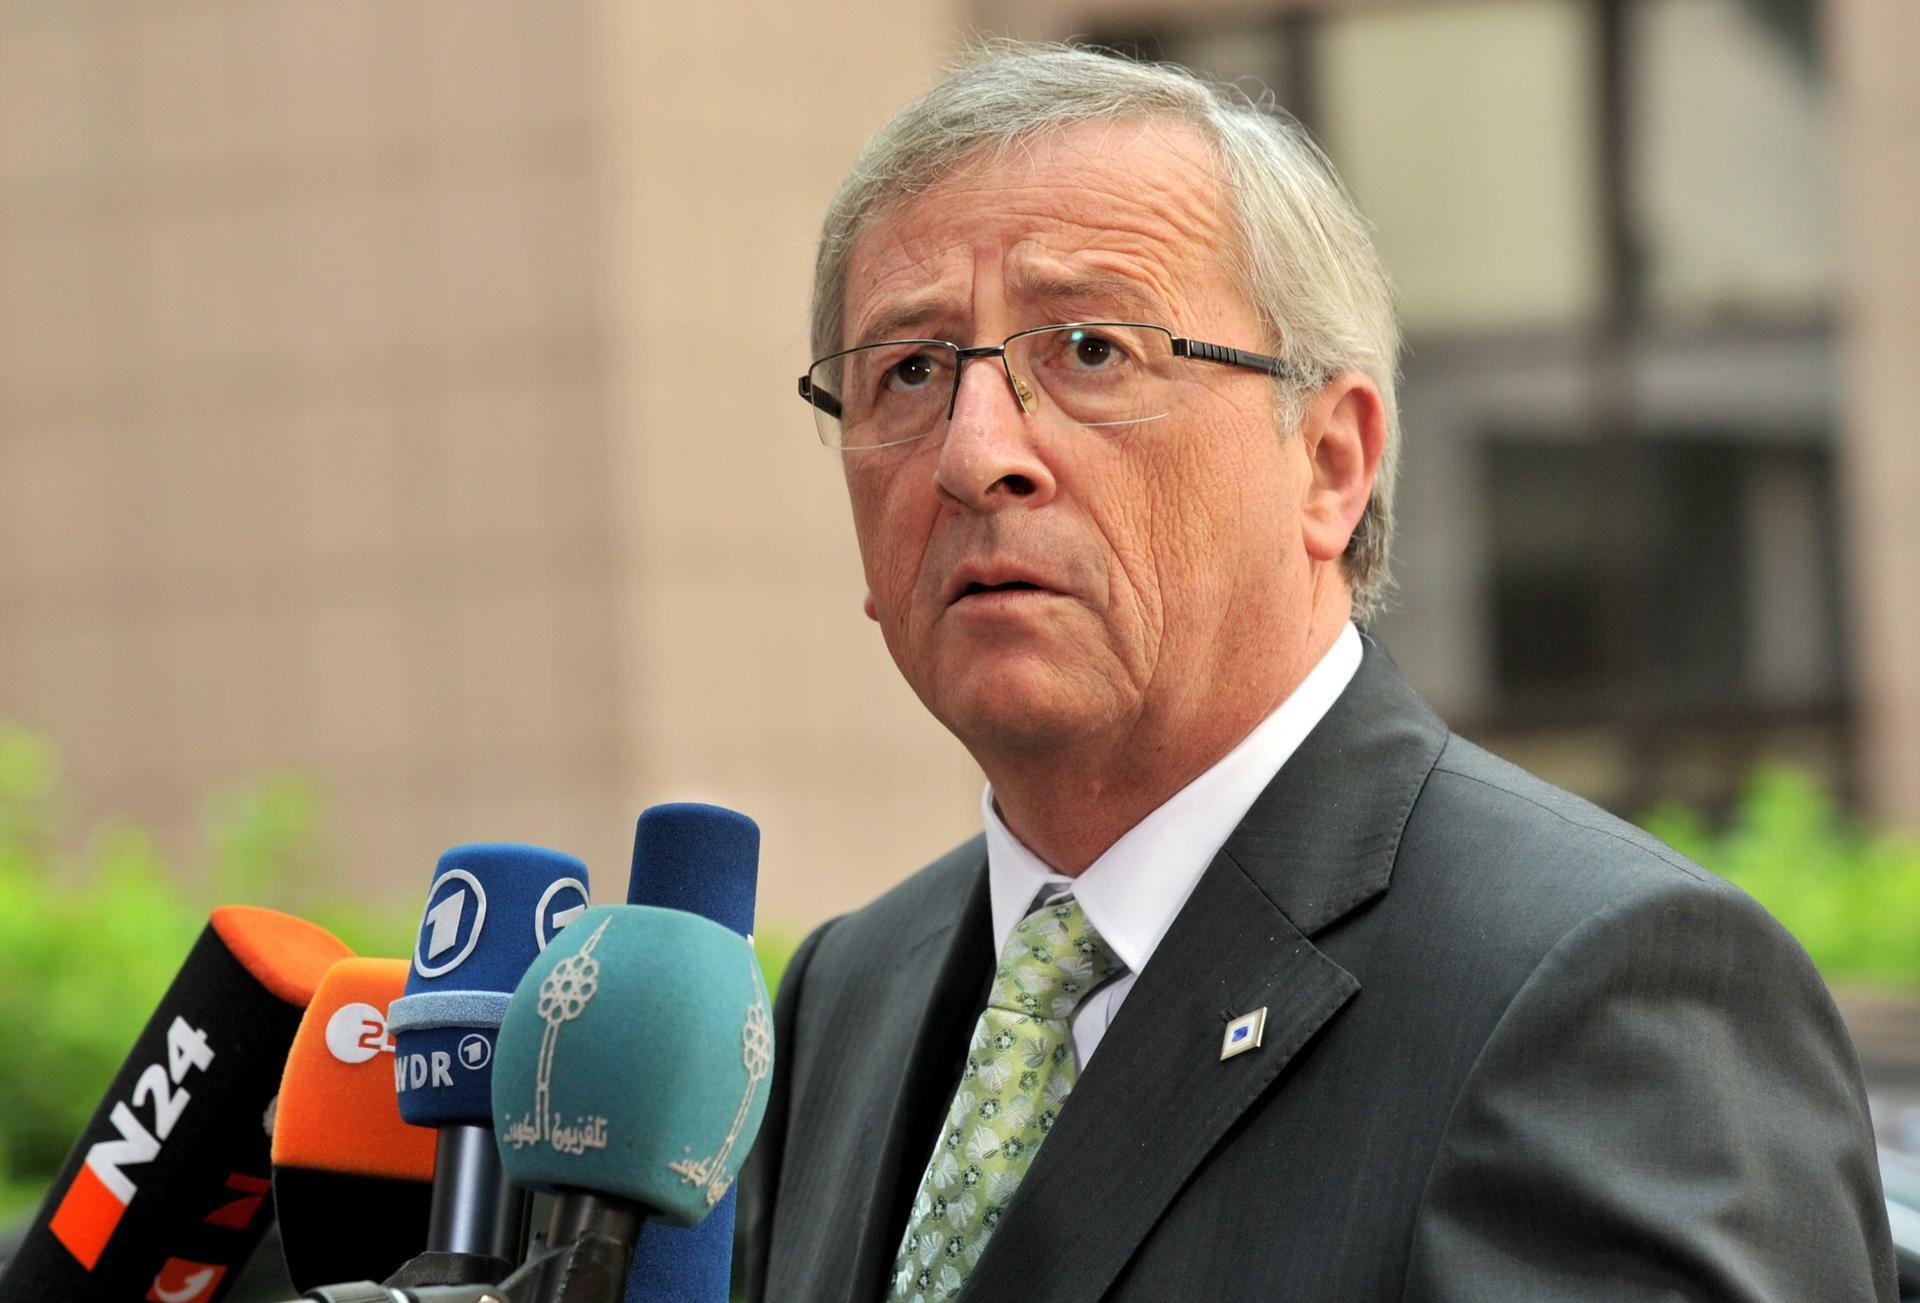 Luxemburgs Ministerpräsident Jean-Claude Juncker. Quelle: AFP